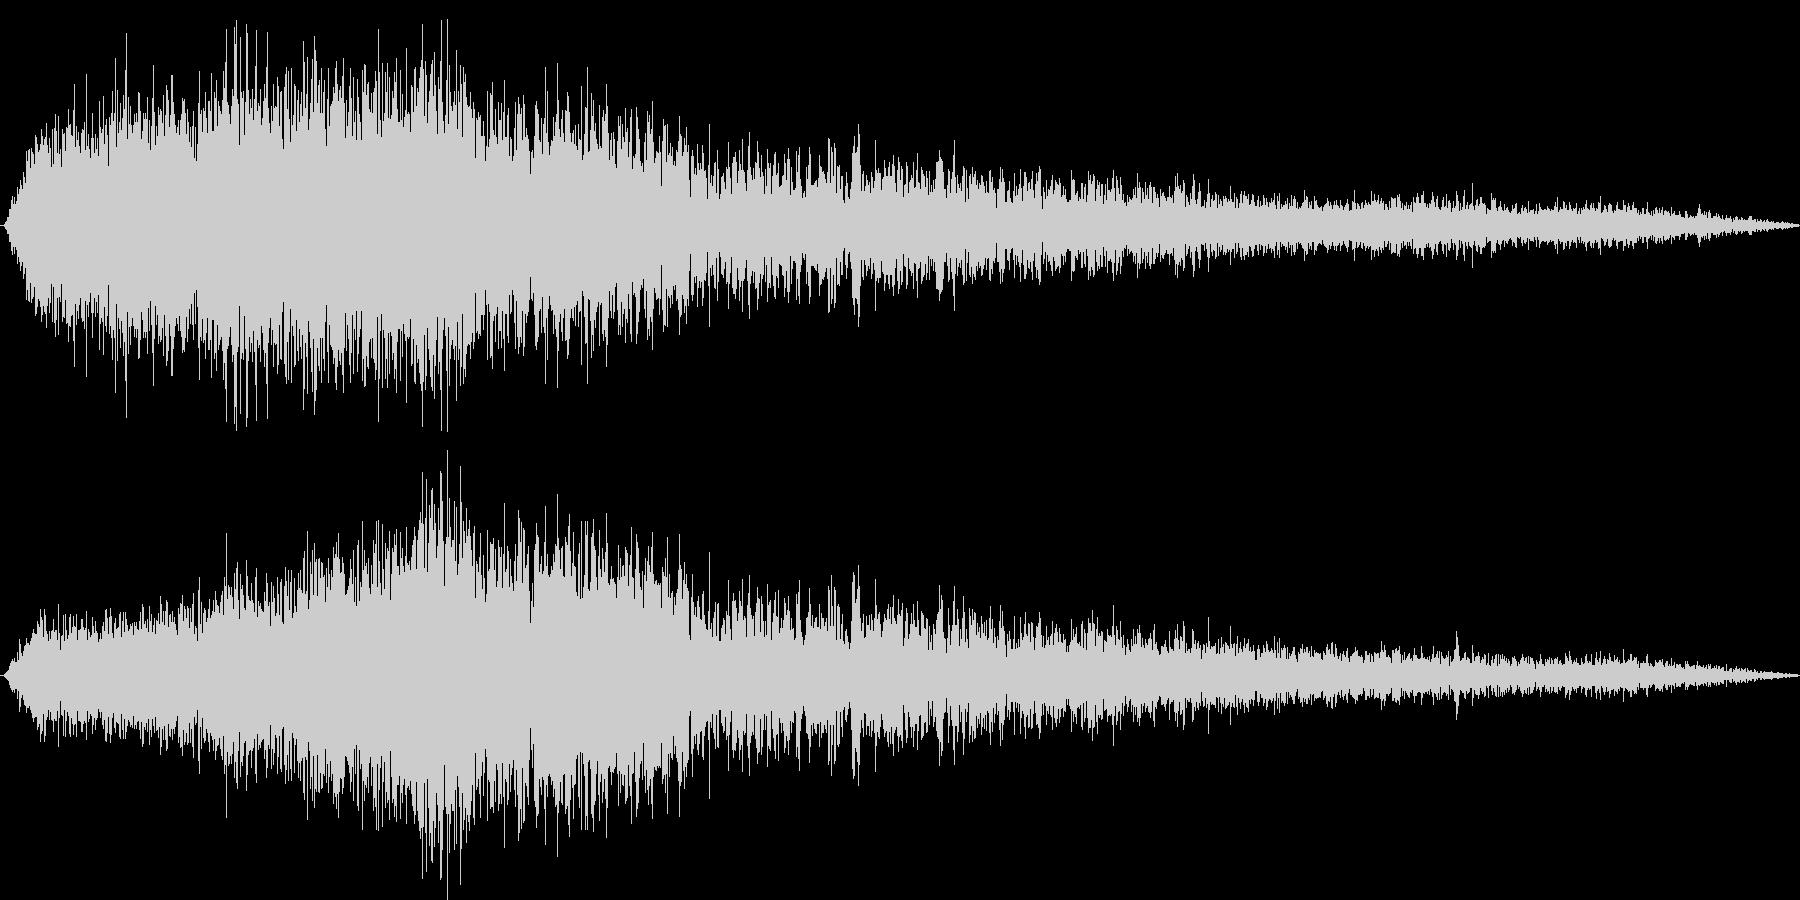 【環境音】飛行機の音03(羽田)の未再生の波形